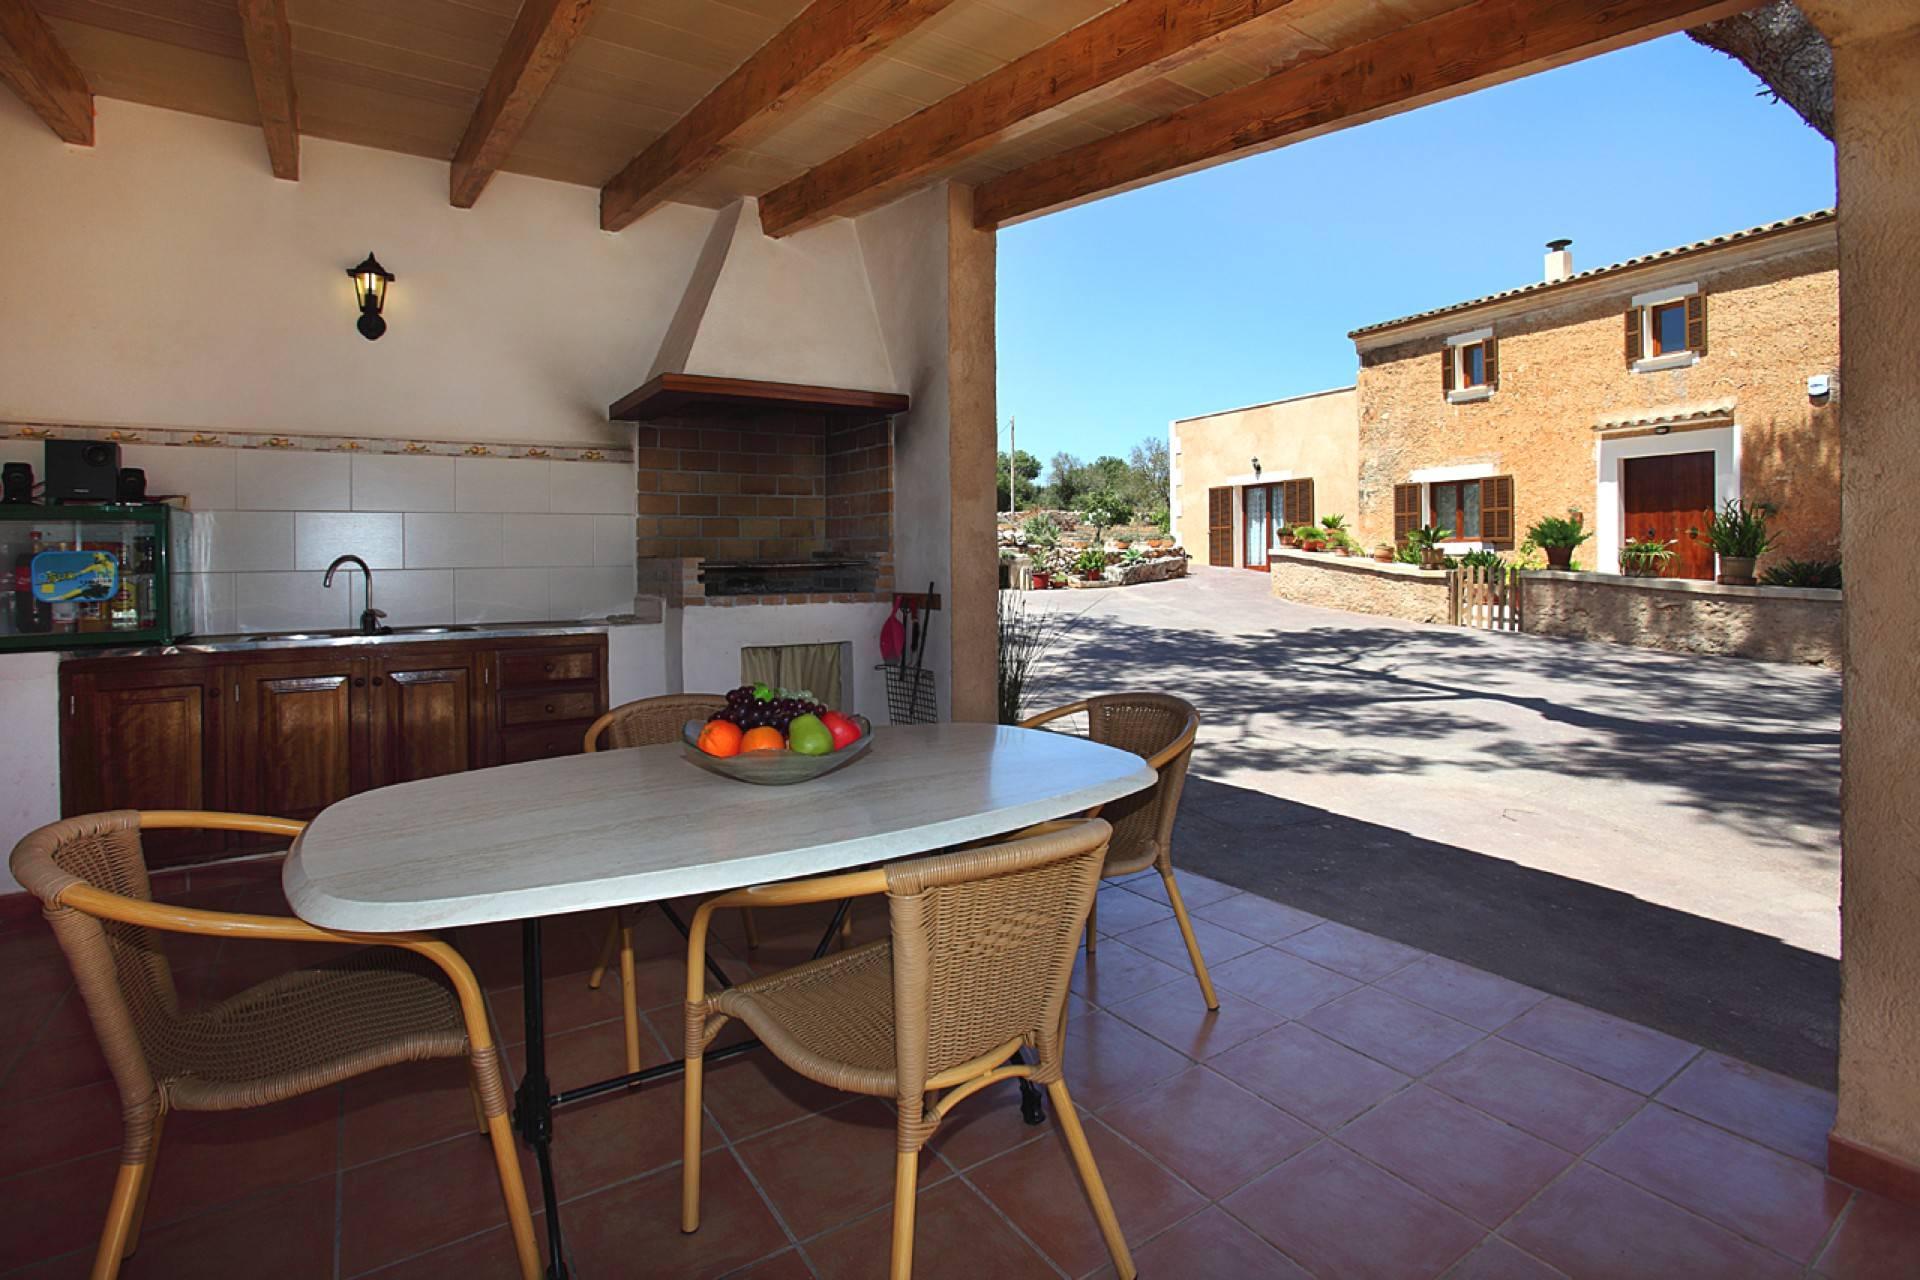 01-142 Rustikales Bauernhaus Mallorca Osten Bild 5